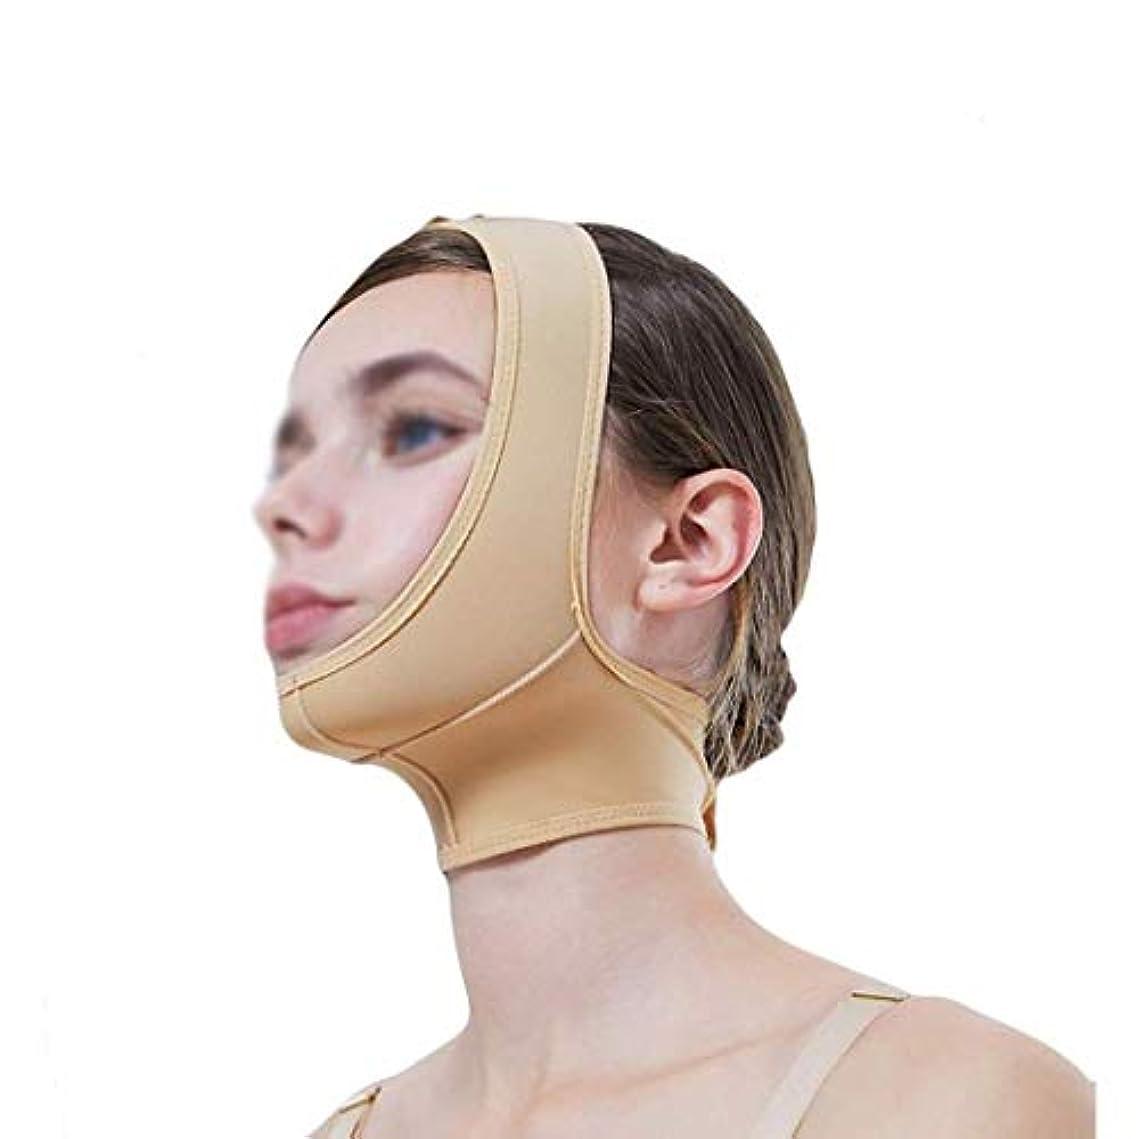 線恐ろしいです聞くHUYYA Vライン頬、女性の顔を持ち上げるベルト しわ防止包帯 二重あごの減量顔,Flesh_X-Large